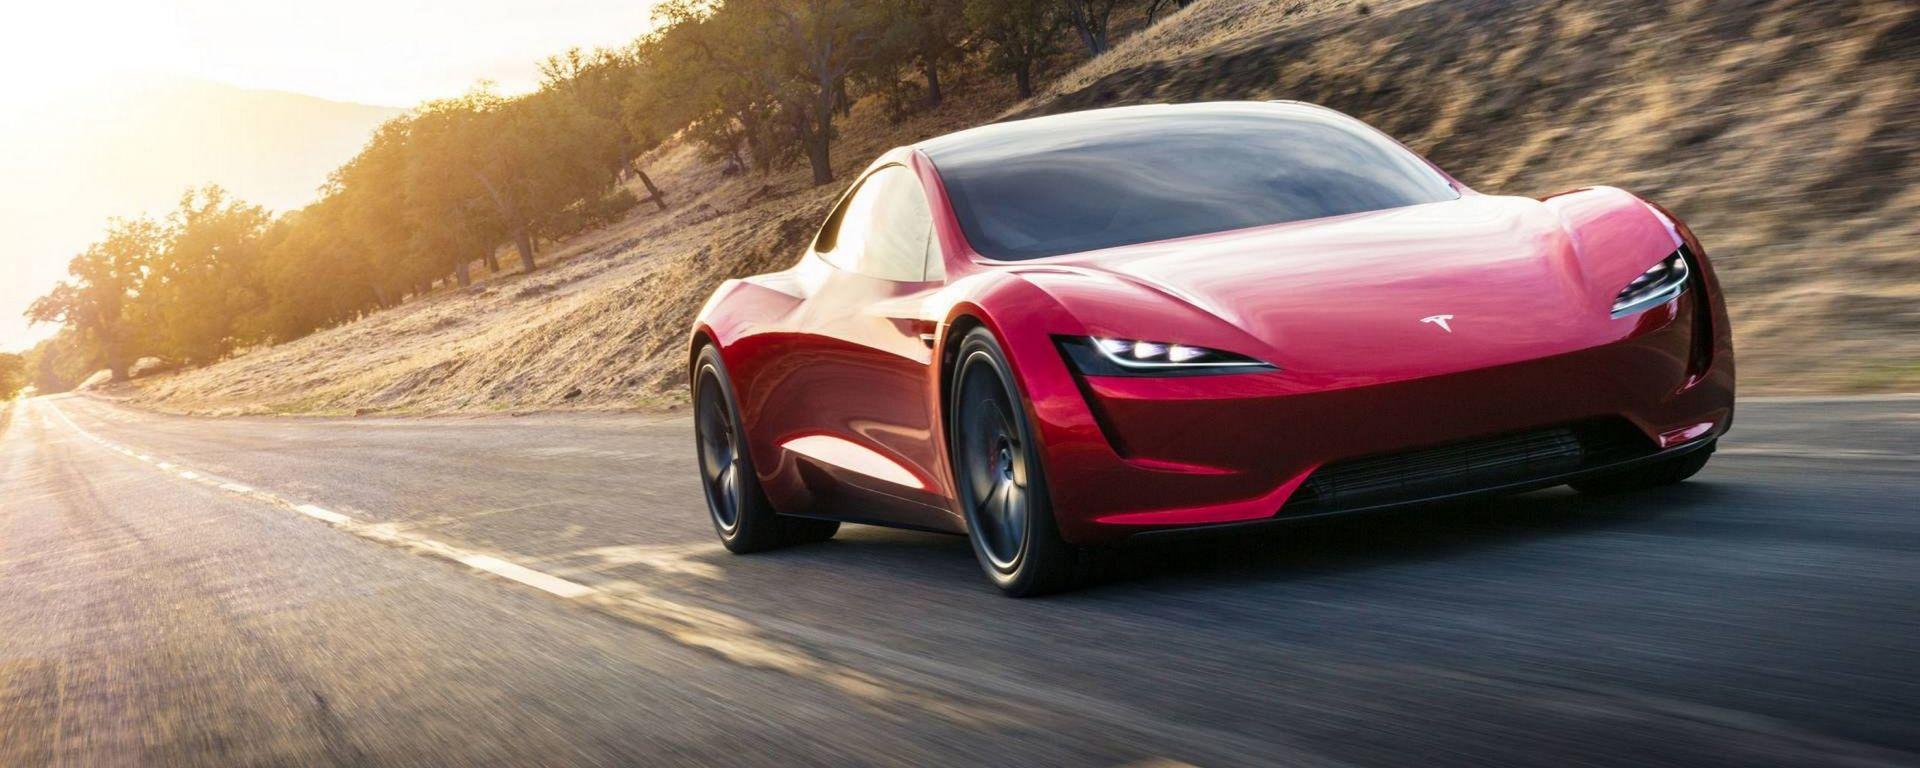 2020 Tesla Roadster >> Nuova Tesla Roadster 2020: prezzo, prestazioni, scheda ...